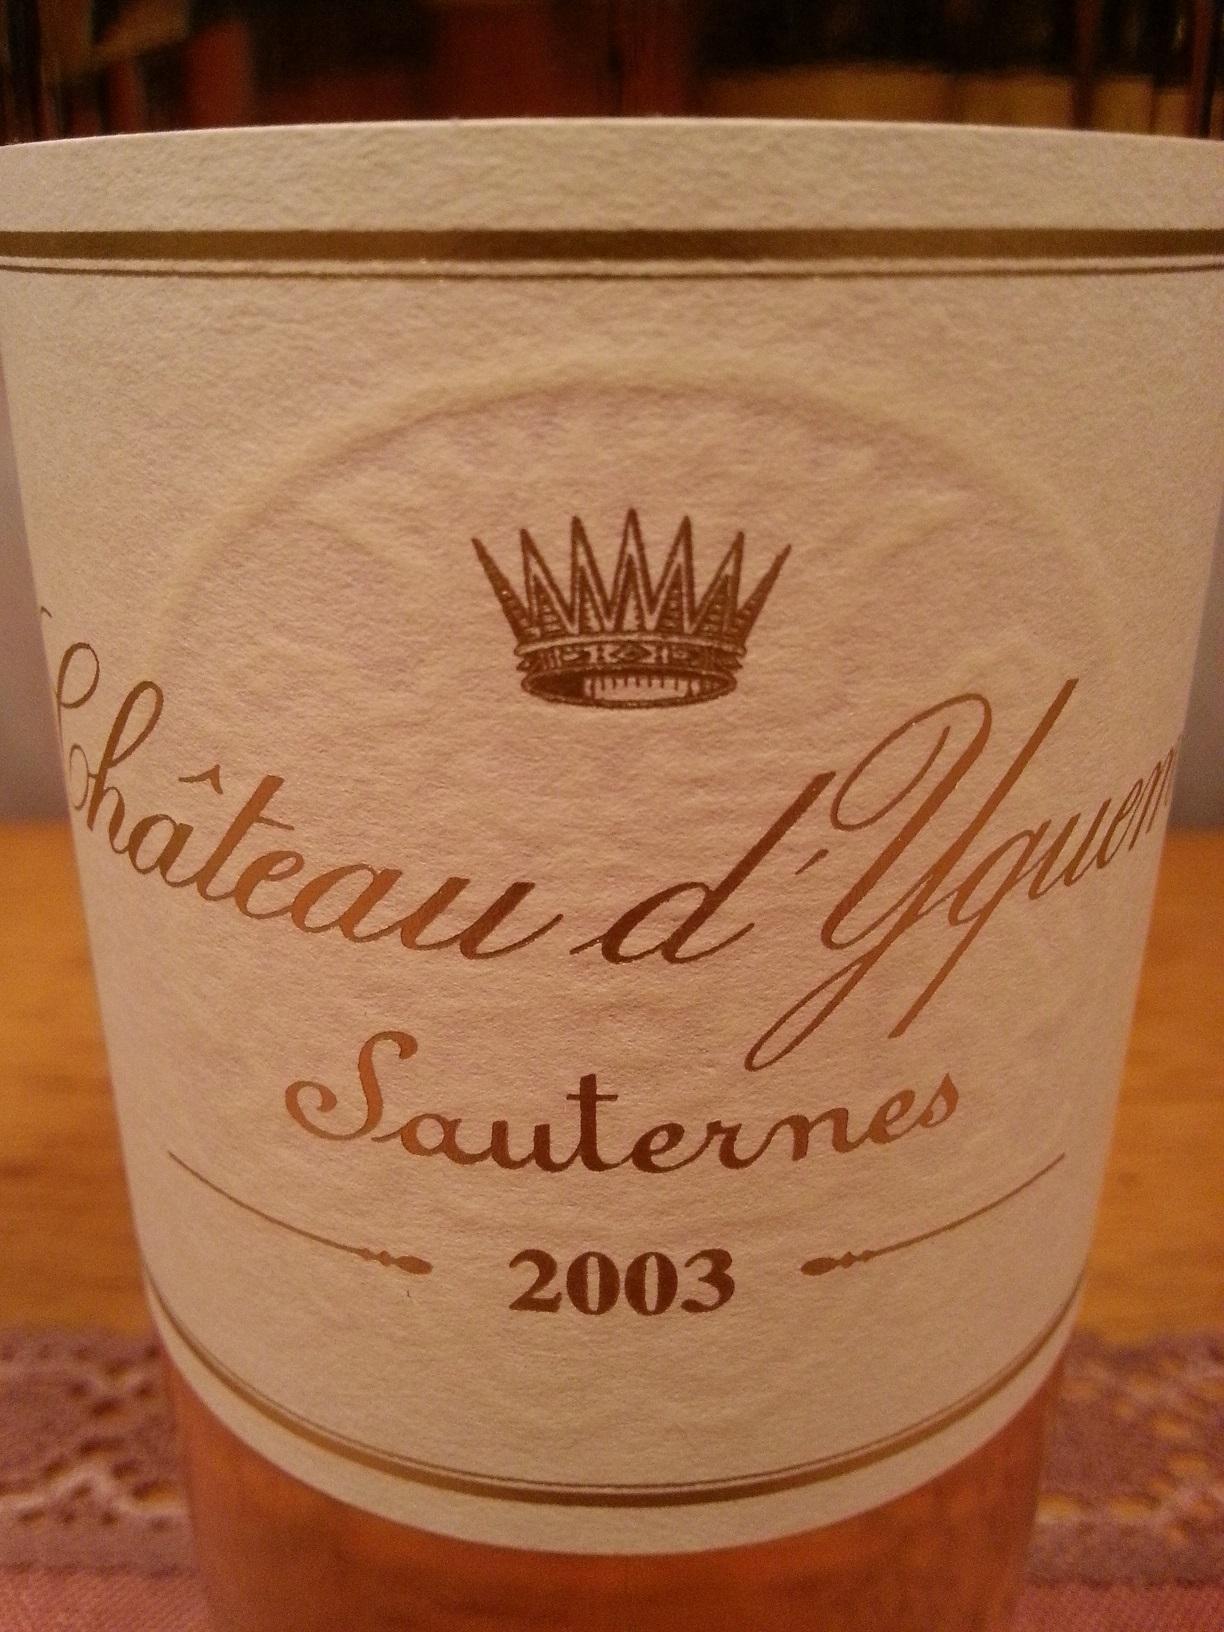 2003 Yquem | Château d'Yquem